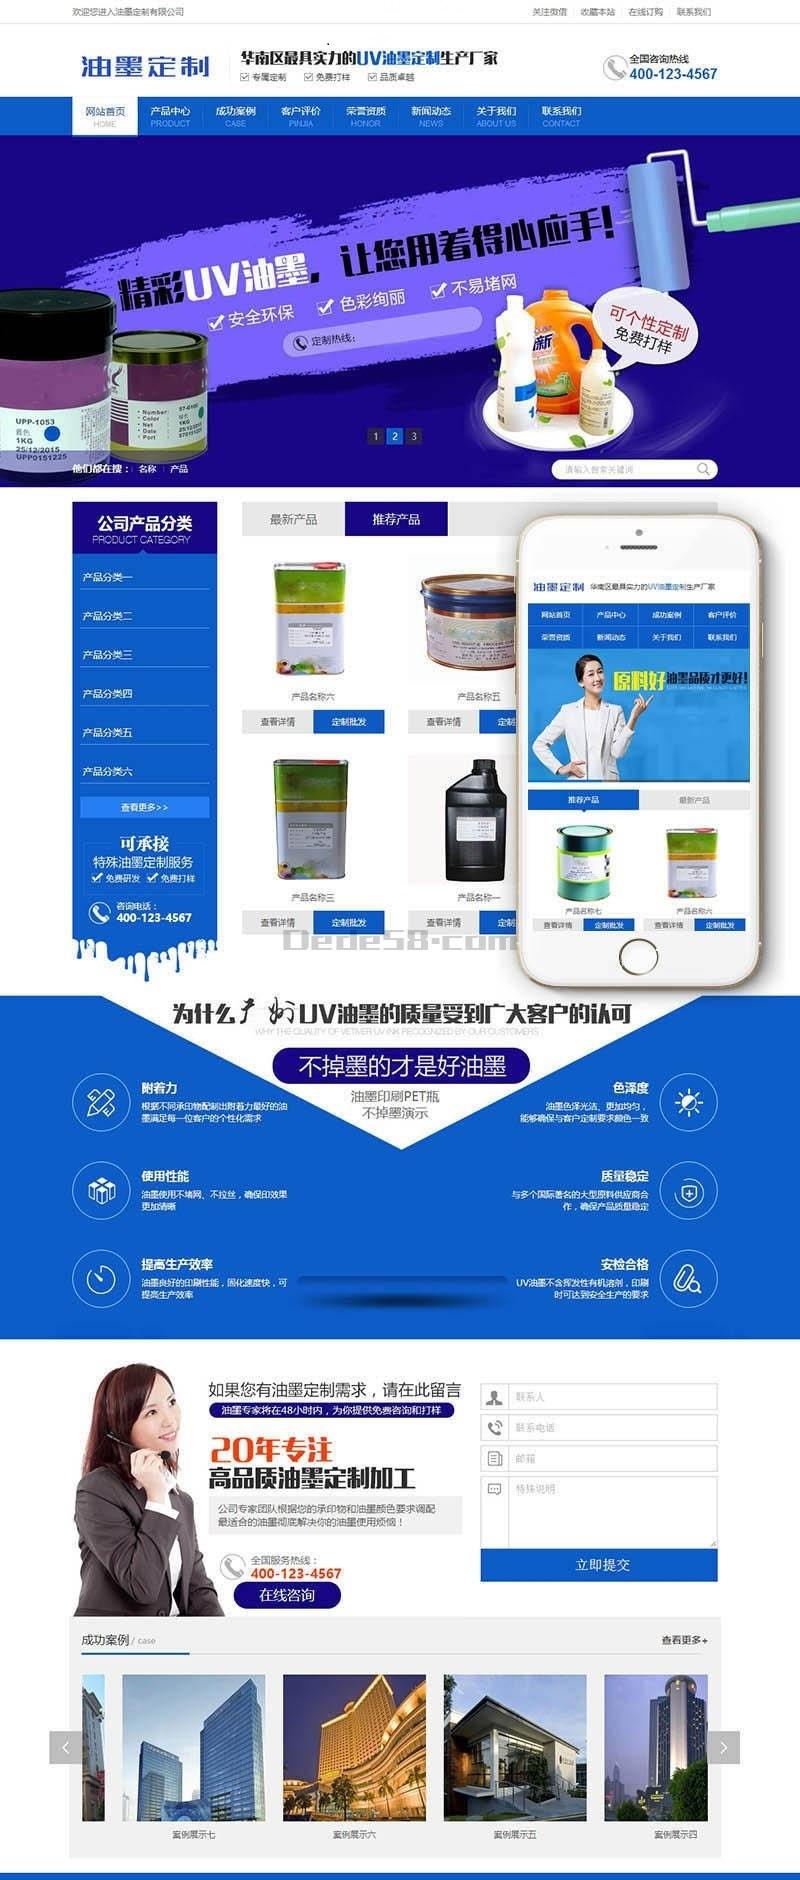 织梦dedecms油墨研发打印机定制企业销售类网站模板源码电脑端+手机端利于SEO优化